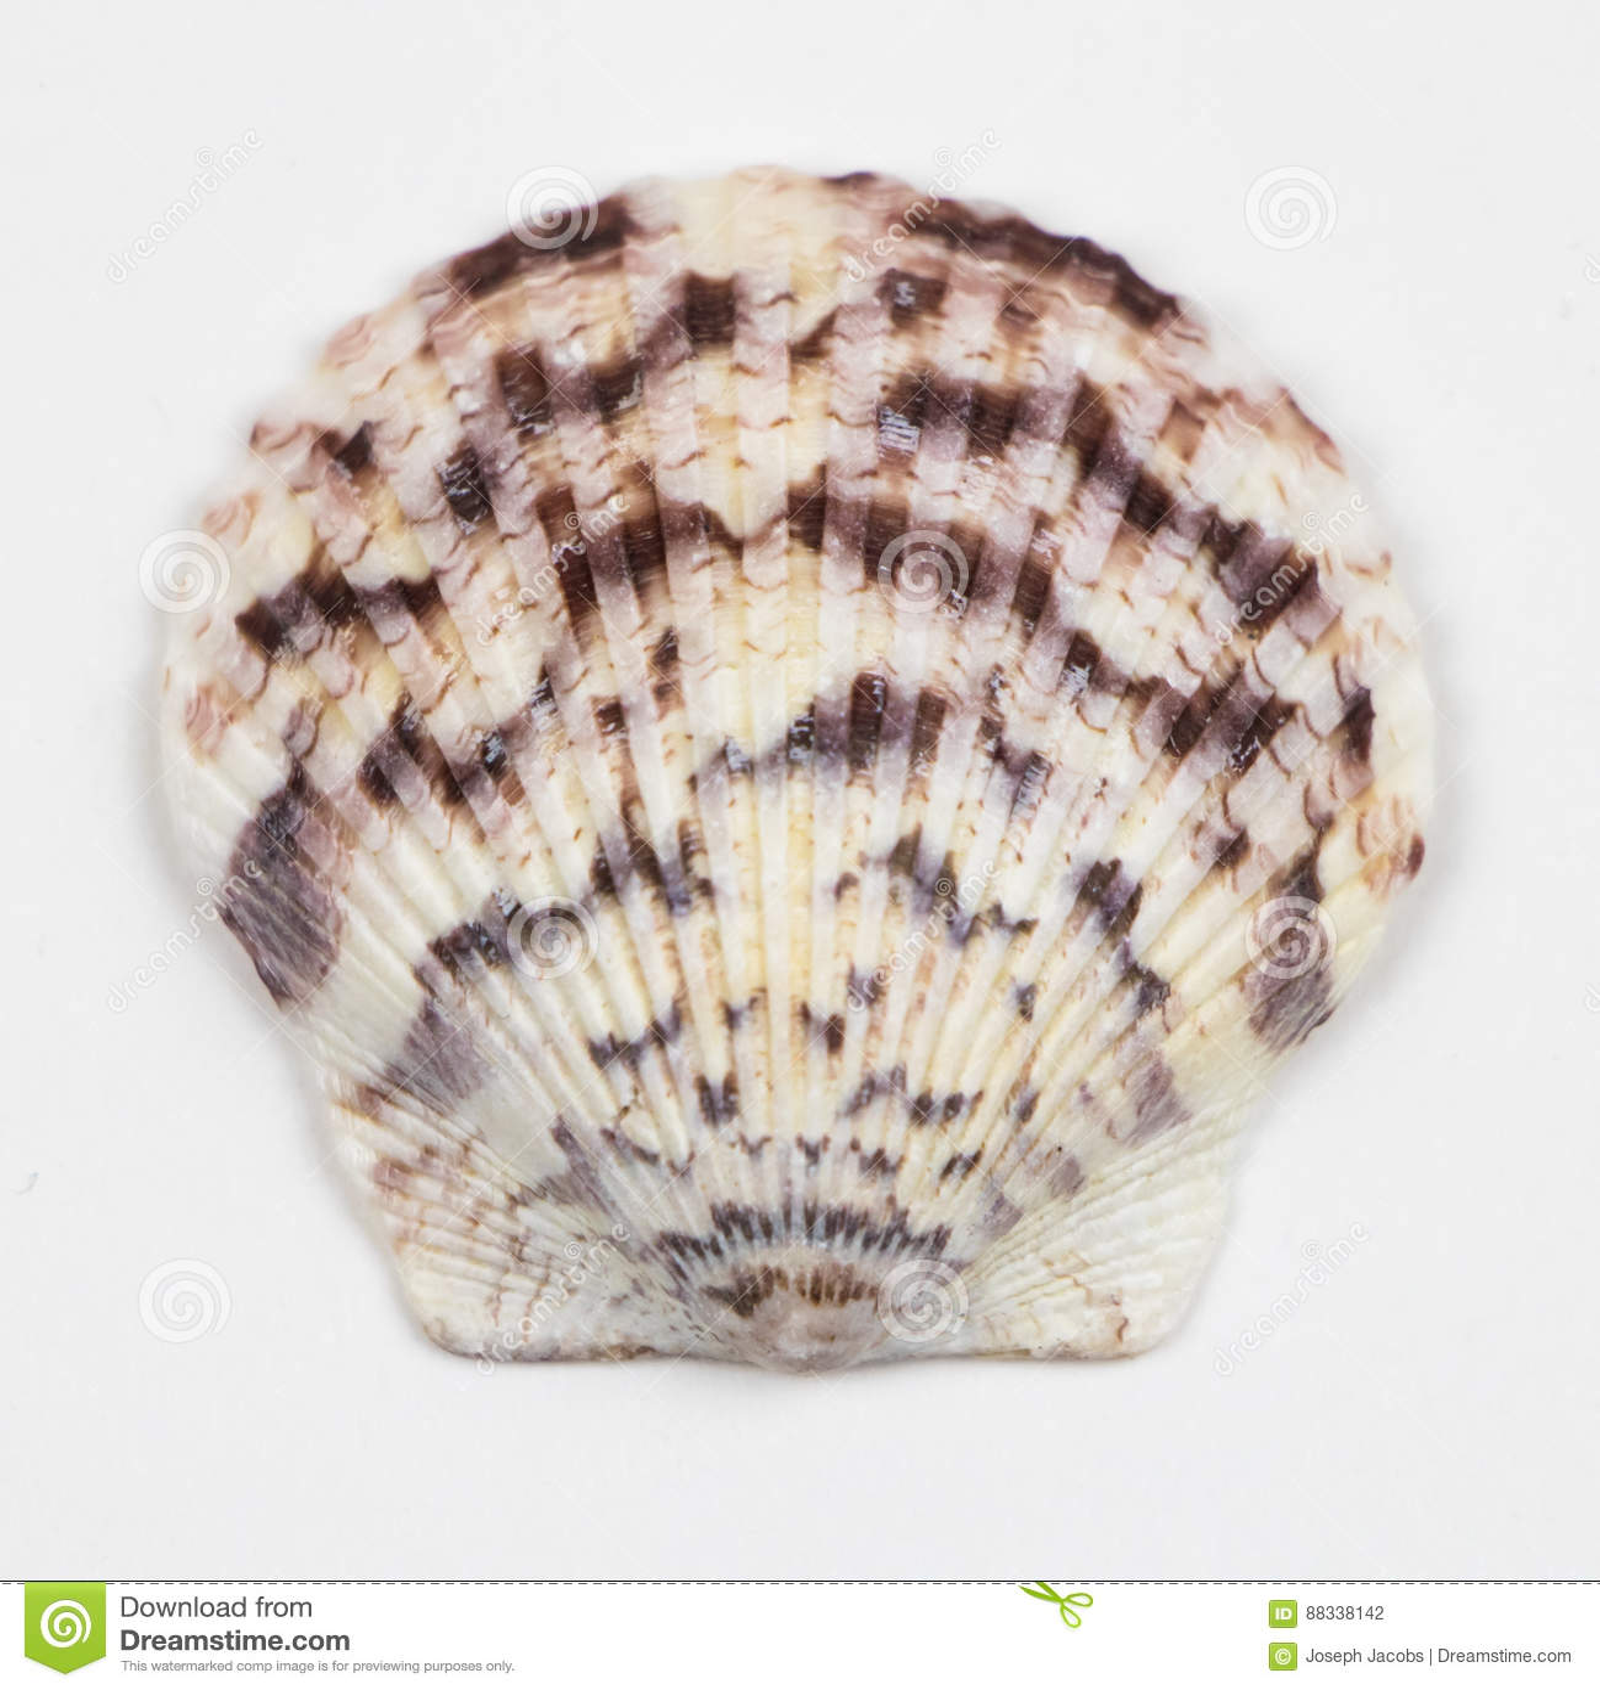 Single Seashell Isolated on White